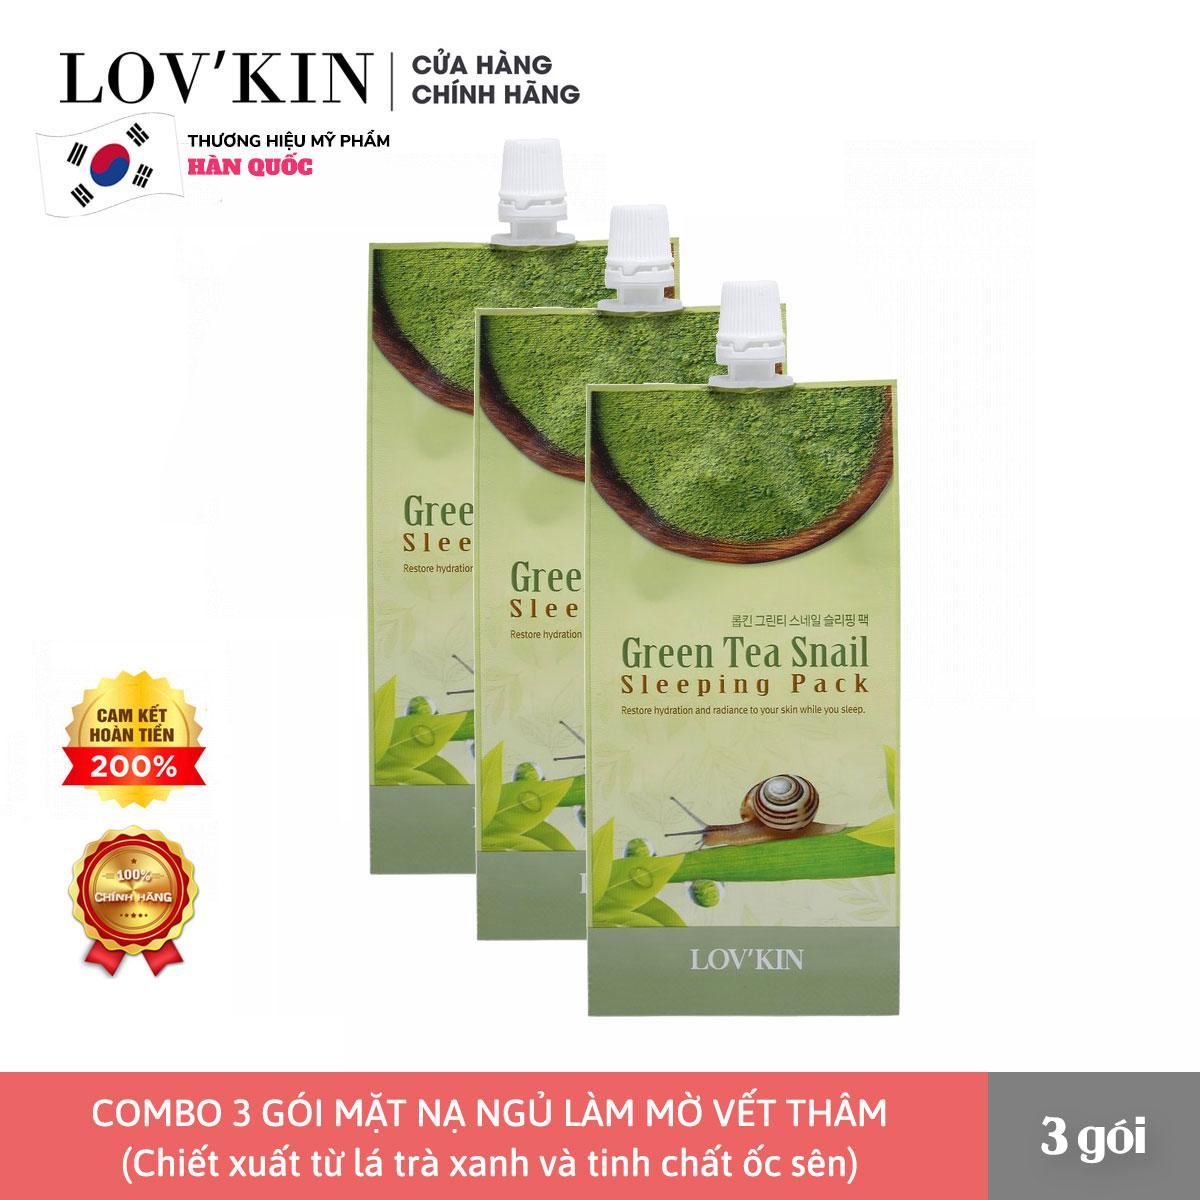 Combo 3 Mặt Nạ Ngủ Chống Lão Hóa Từ Trà Xanh Và Tinh Chất Ốc Sên LOV'KIN  Green Tea Snail Hàn Quốc (10g x 3 gói) cao cấp